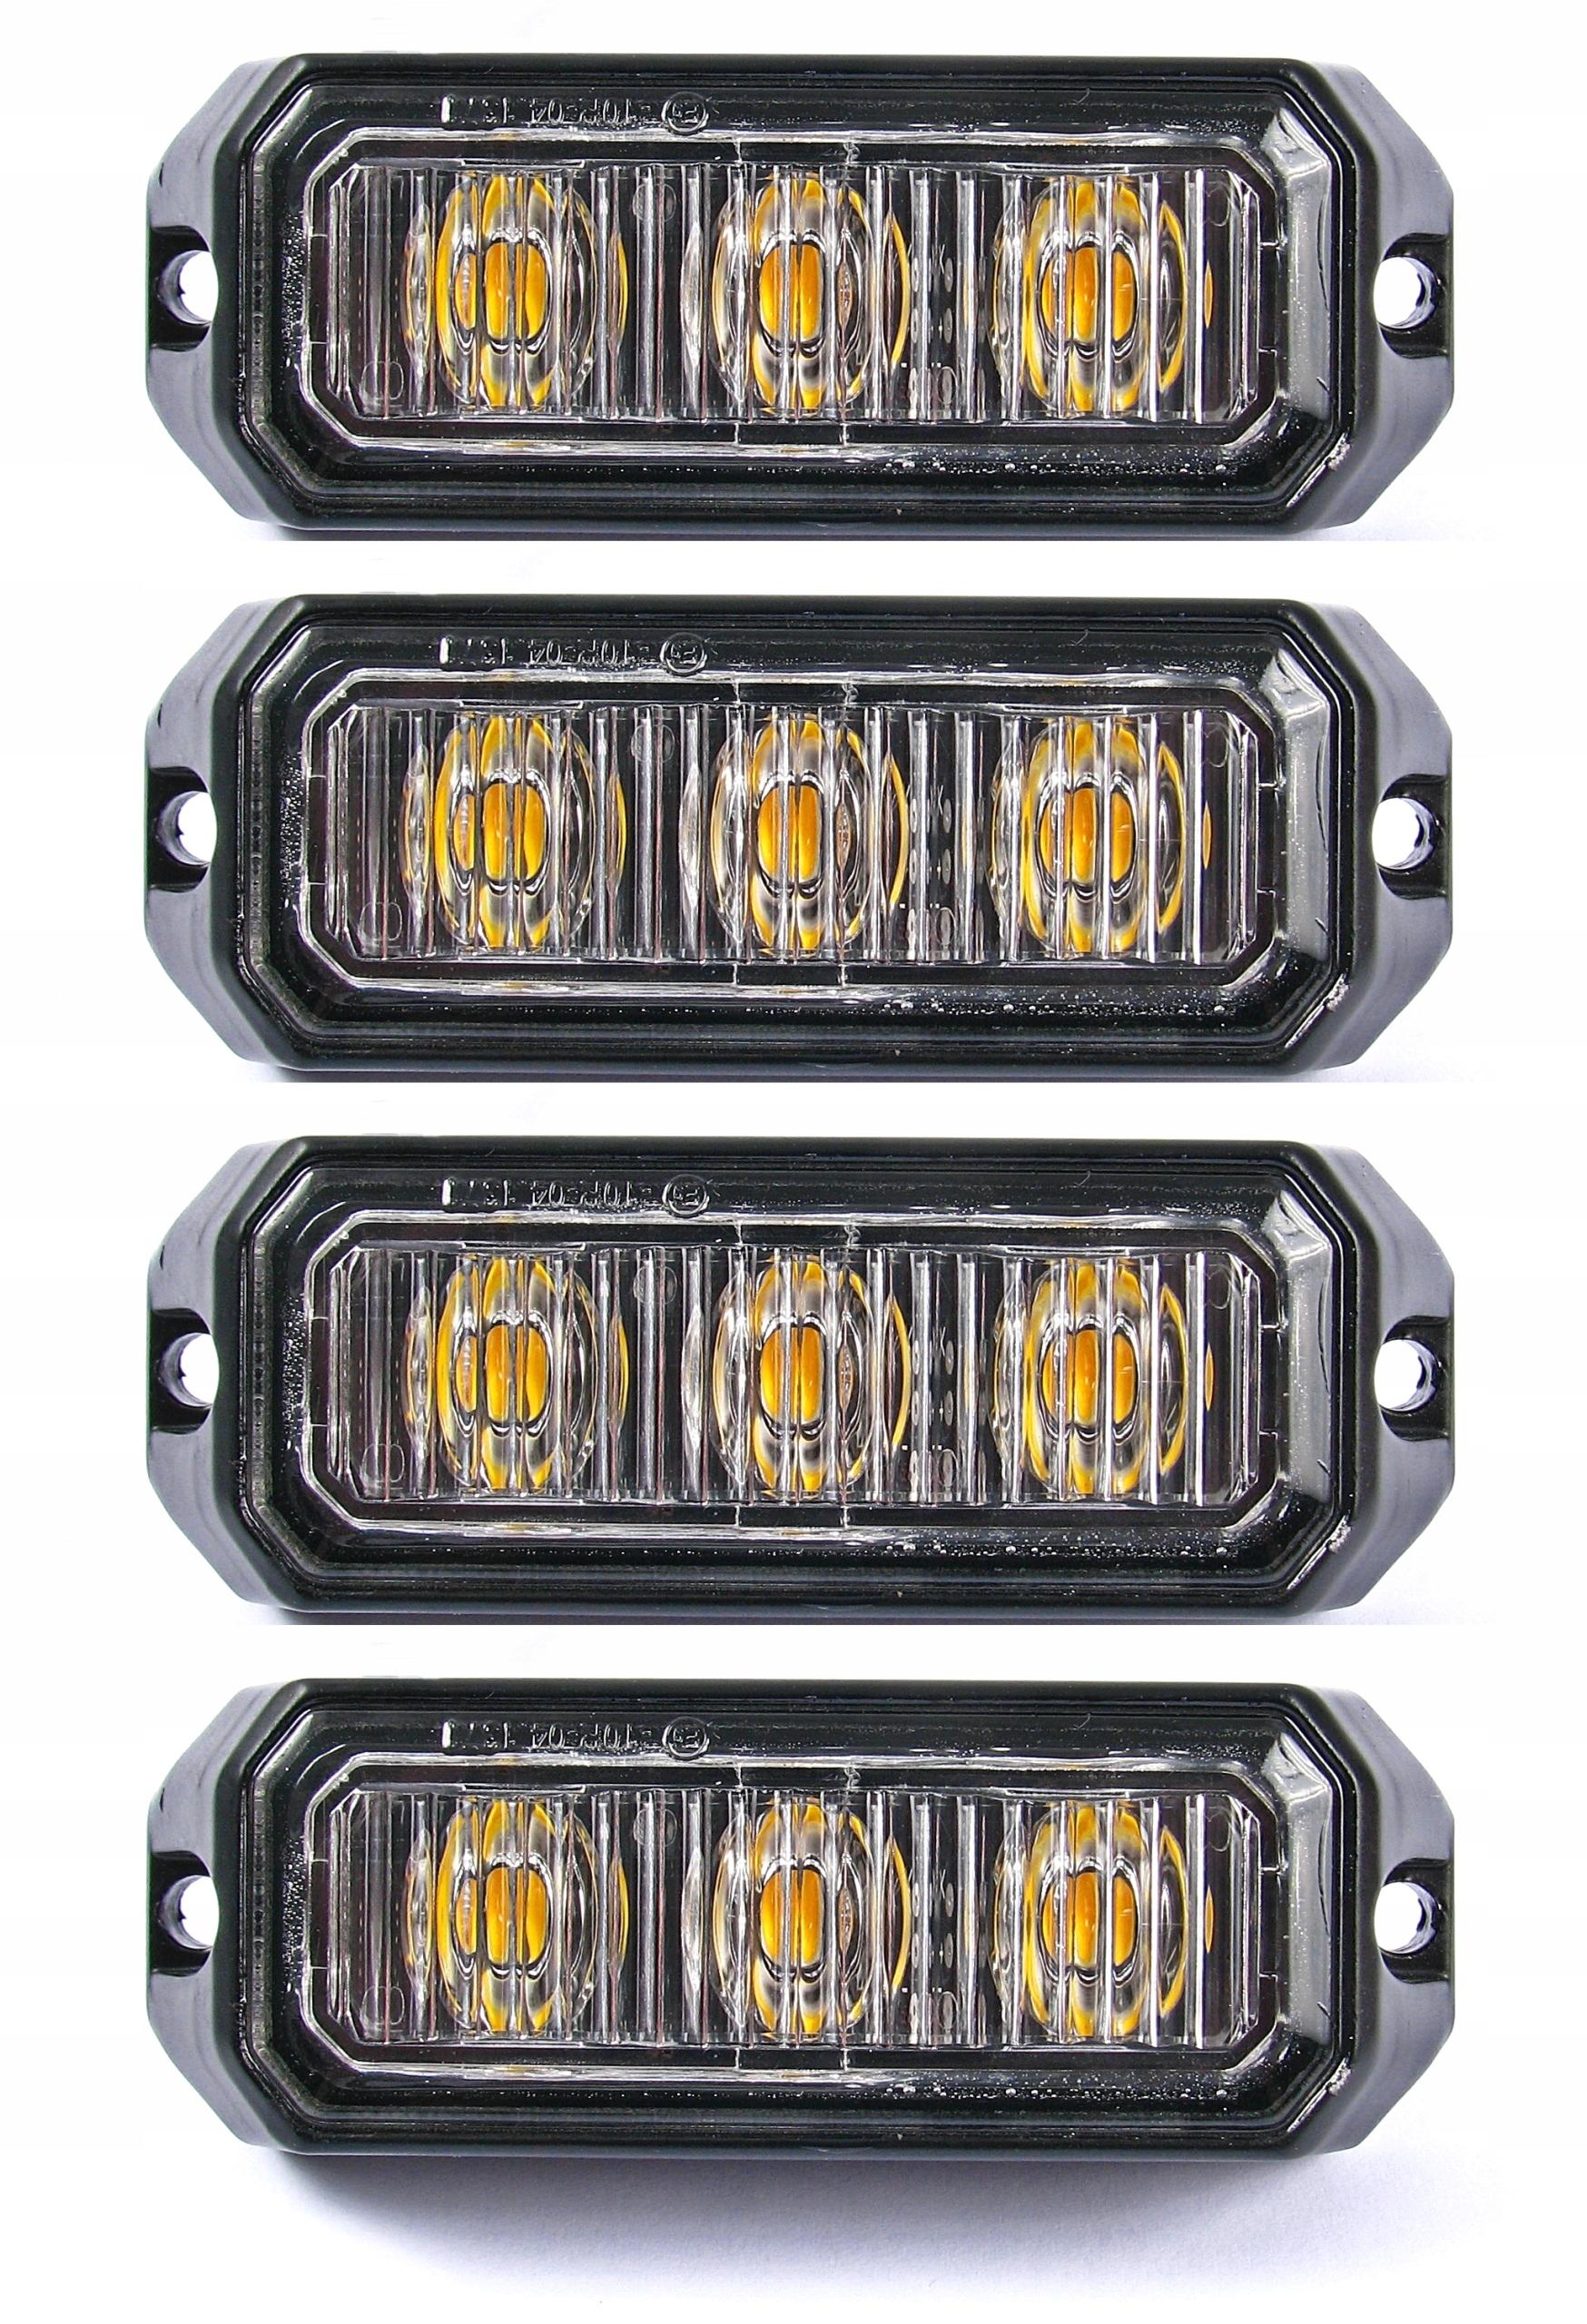 лампа 3 led предупреждения x4 стробоскоп помощь эвакуаторов